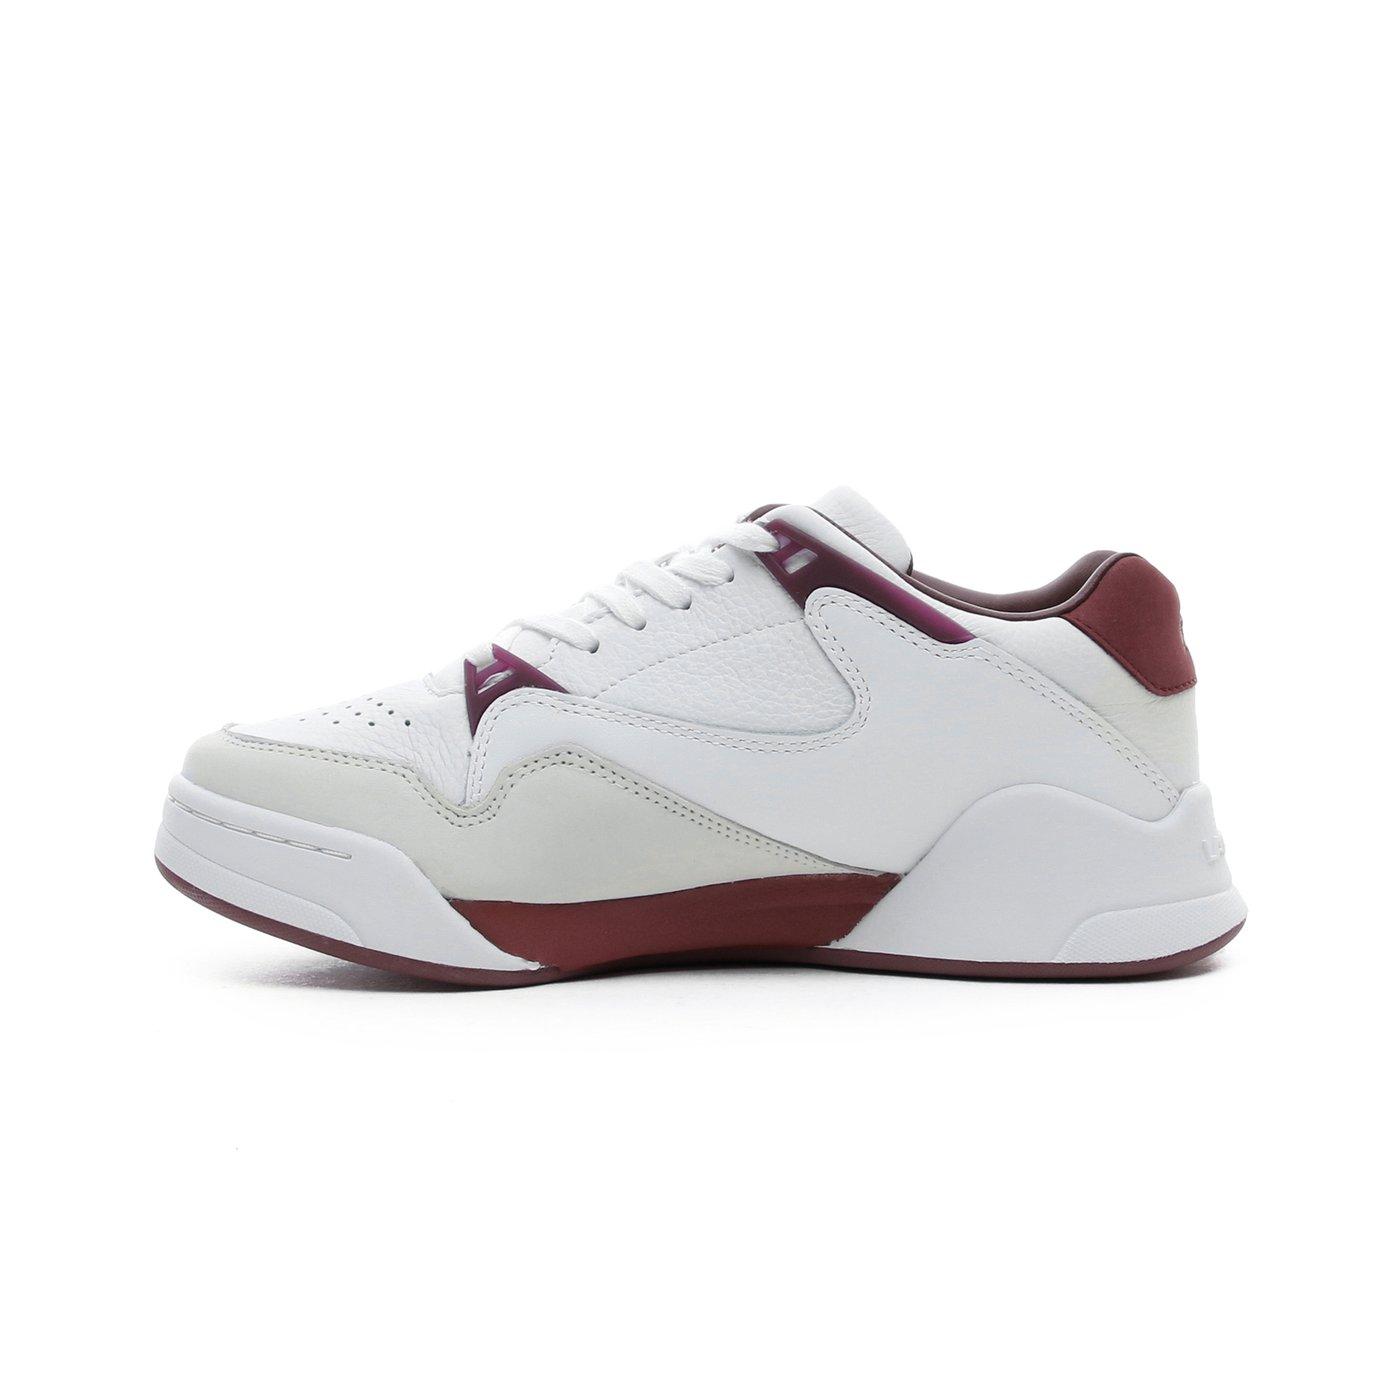 Lacoste Court Slam Kadın Beyaz - Koyu Kırmızı Spor Ayakkabı